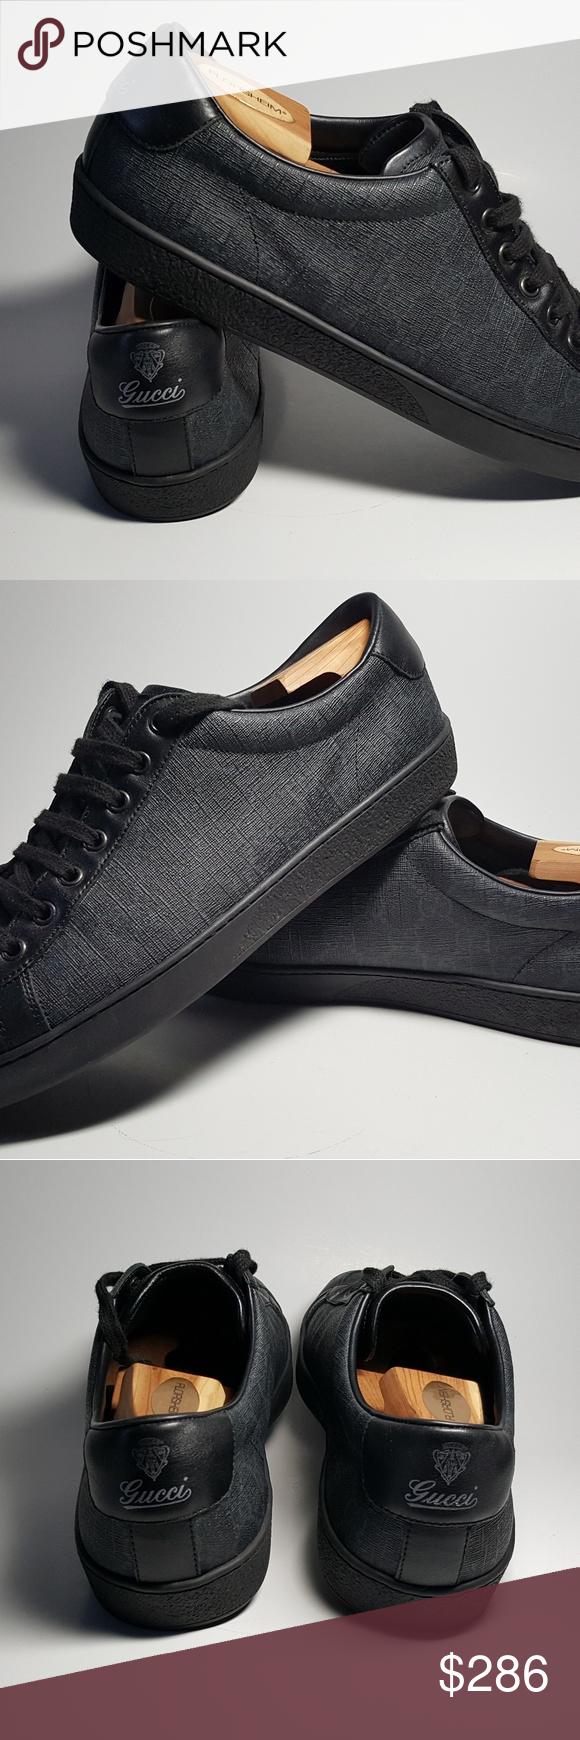 46df4795f Men's Gucci Tessuto GG Supreme Low Top Sneakers 100% Authentic Men's Gucci  Tessuto GG Supreme